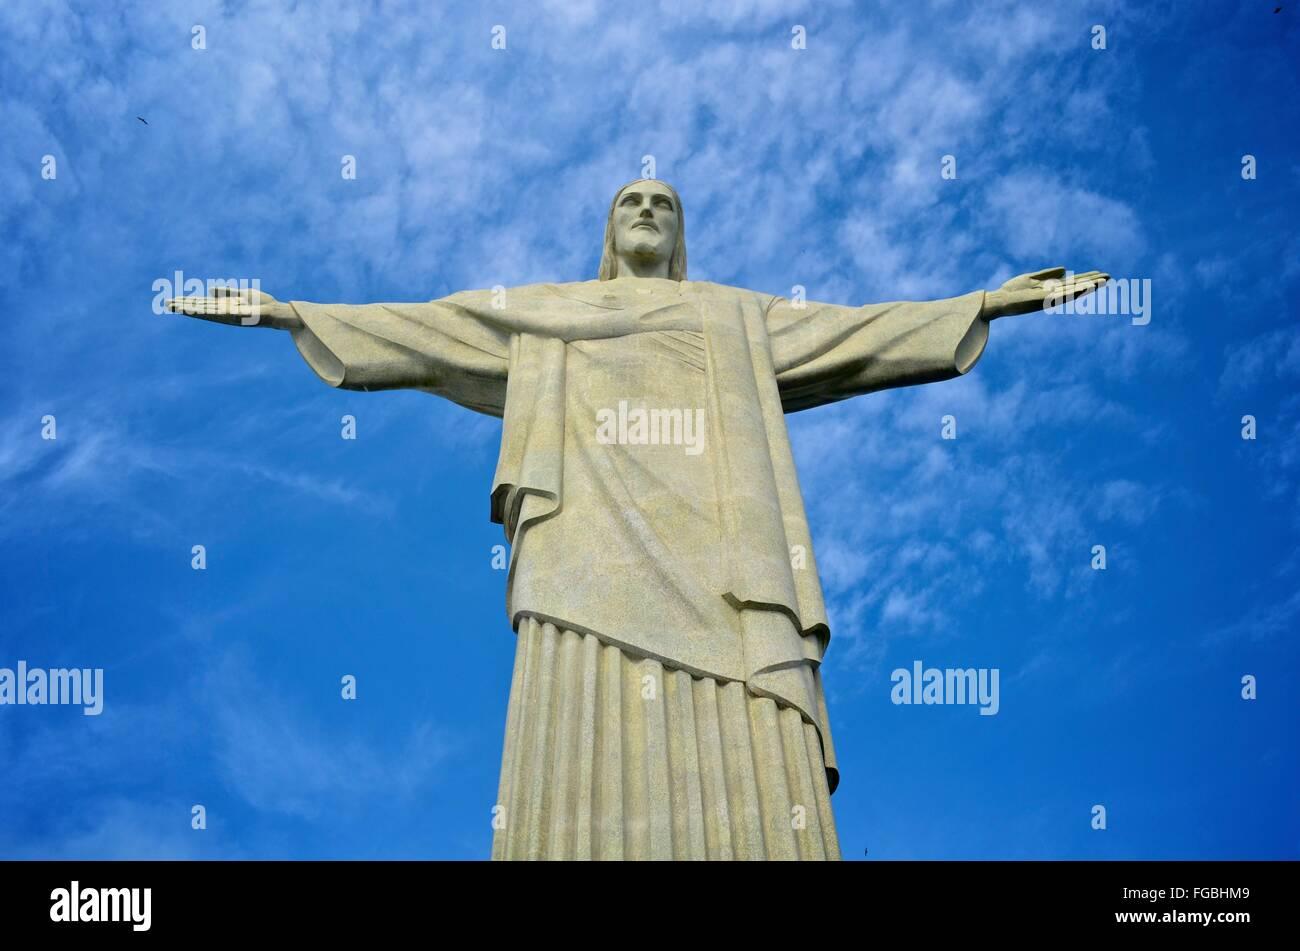 Cristo Redentore statua, sul monte Corcovado, Rio de Janeiro, Brasile. Immagini Stock